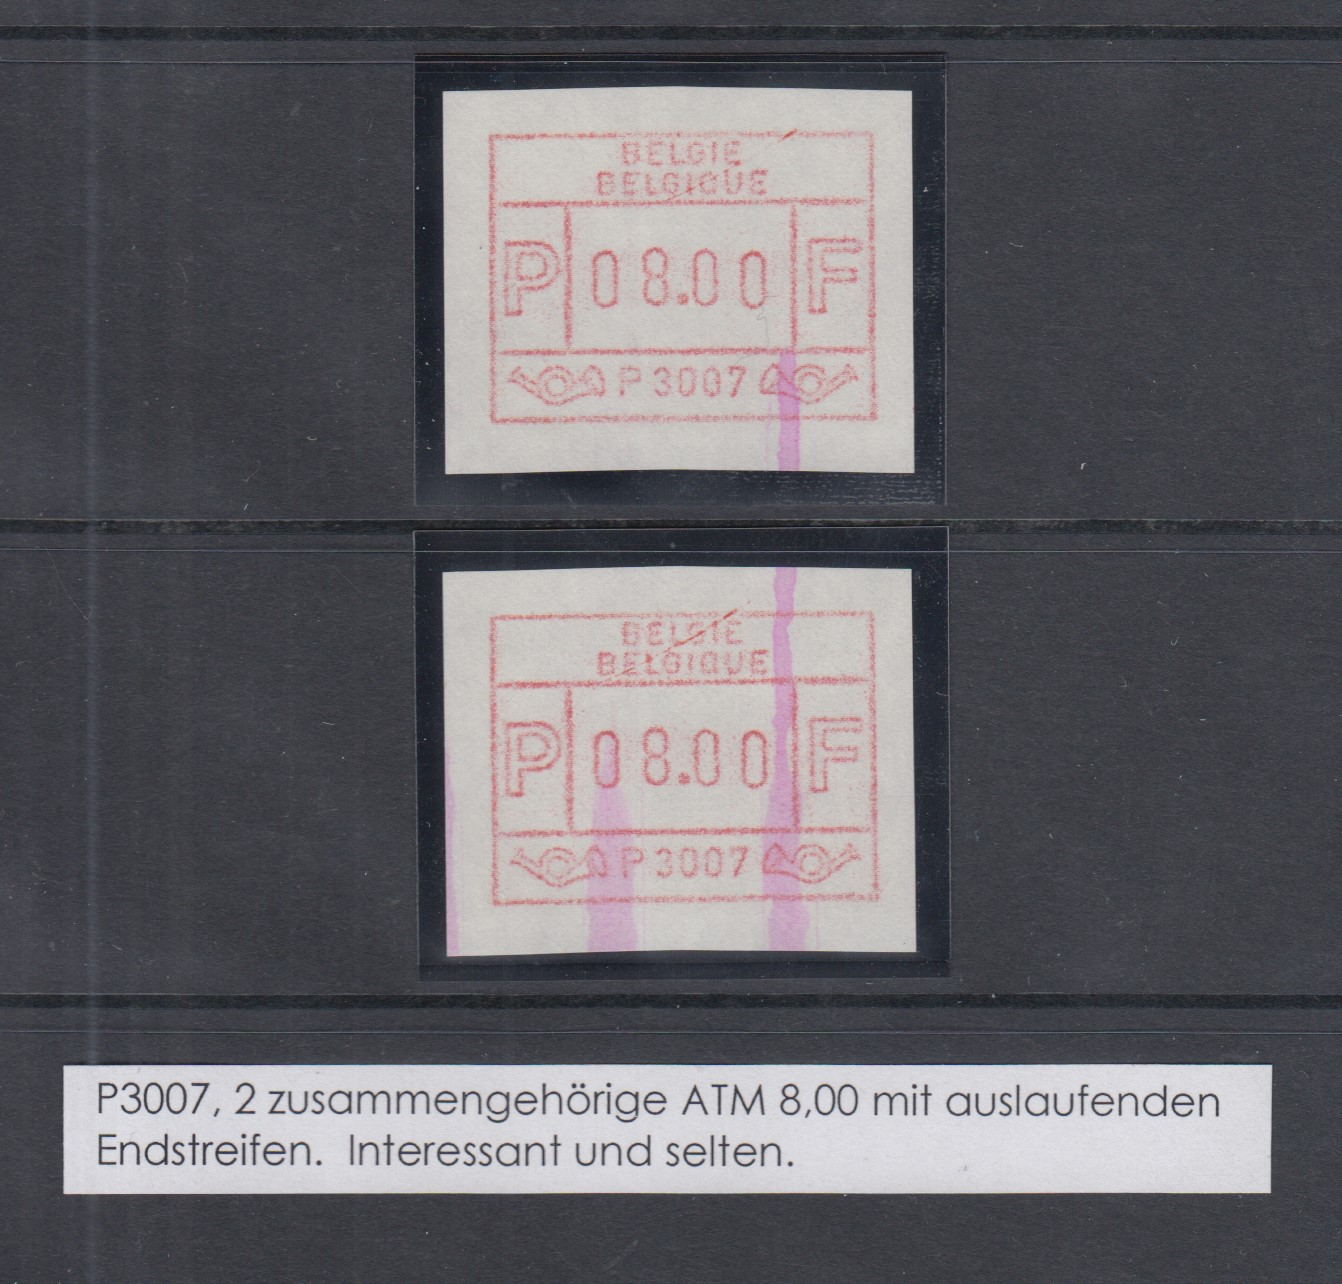 14 Verschiedene Werte ** Postfrisch Automatenmarken 1989 Niederlande